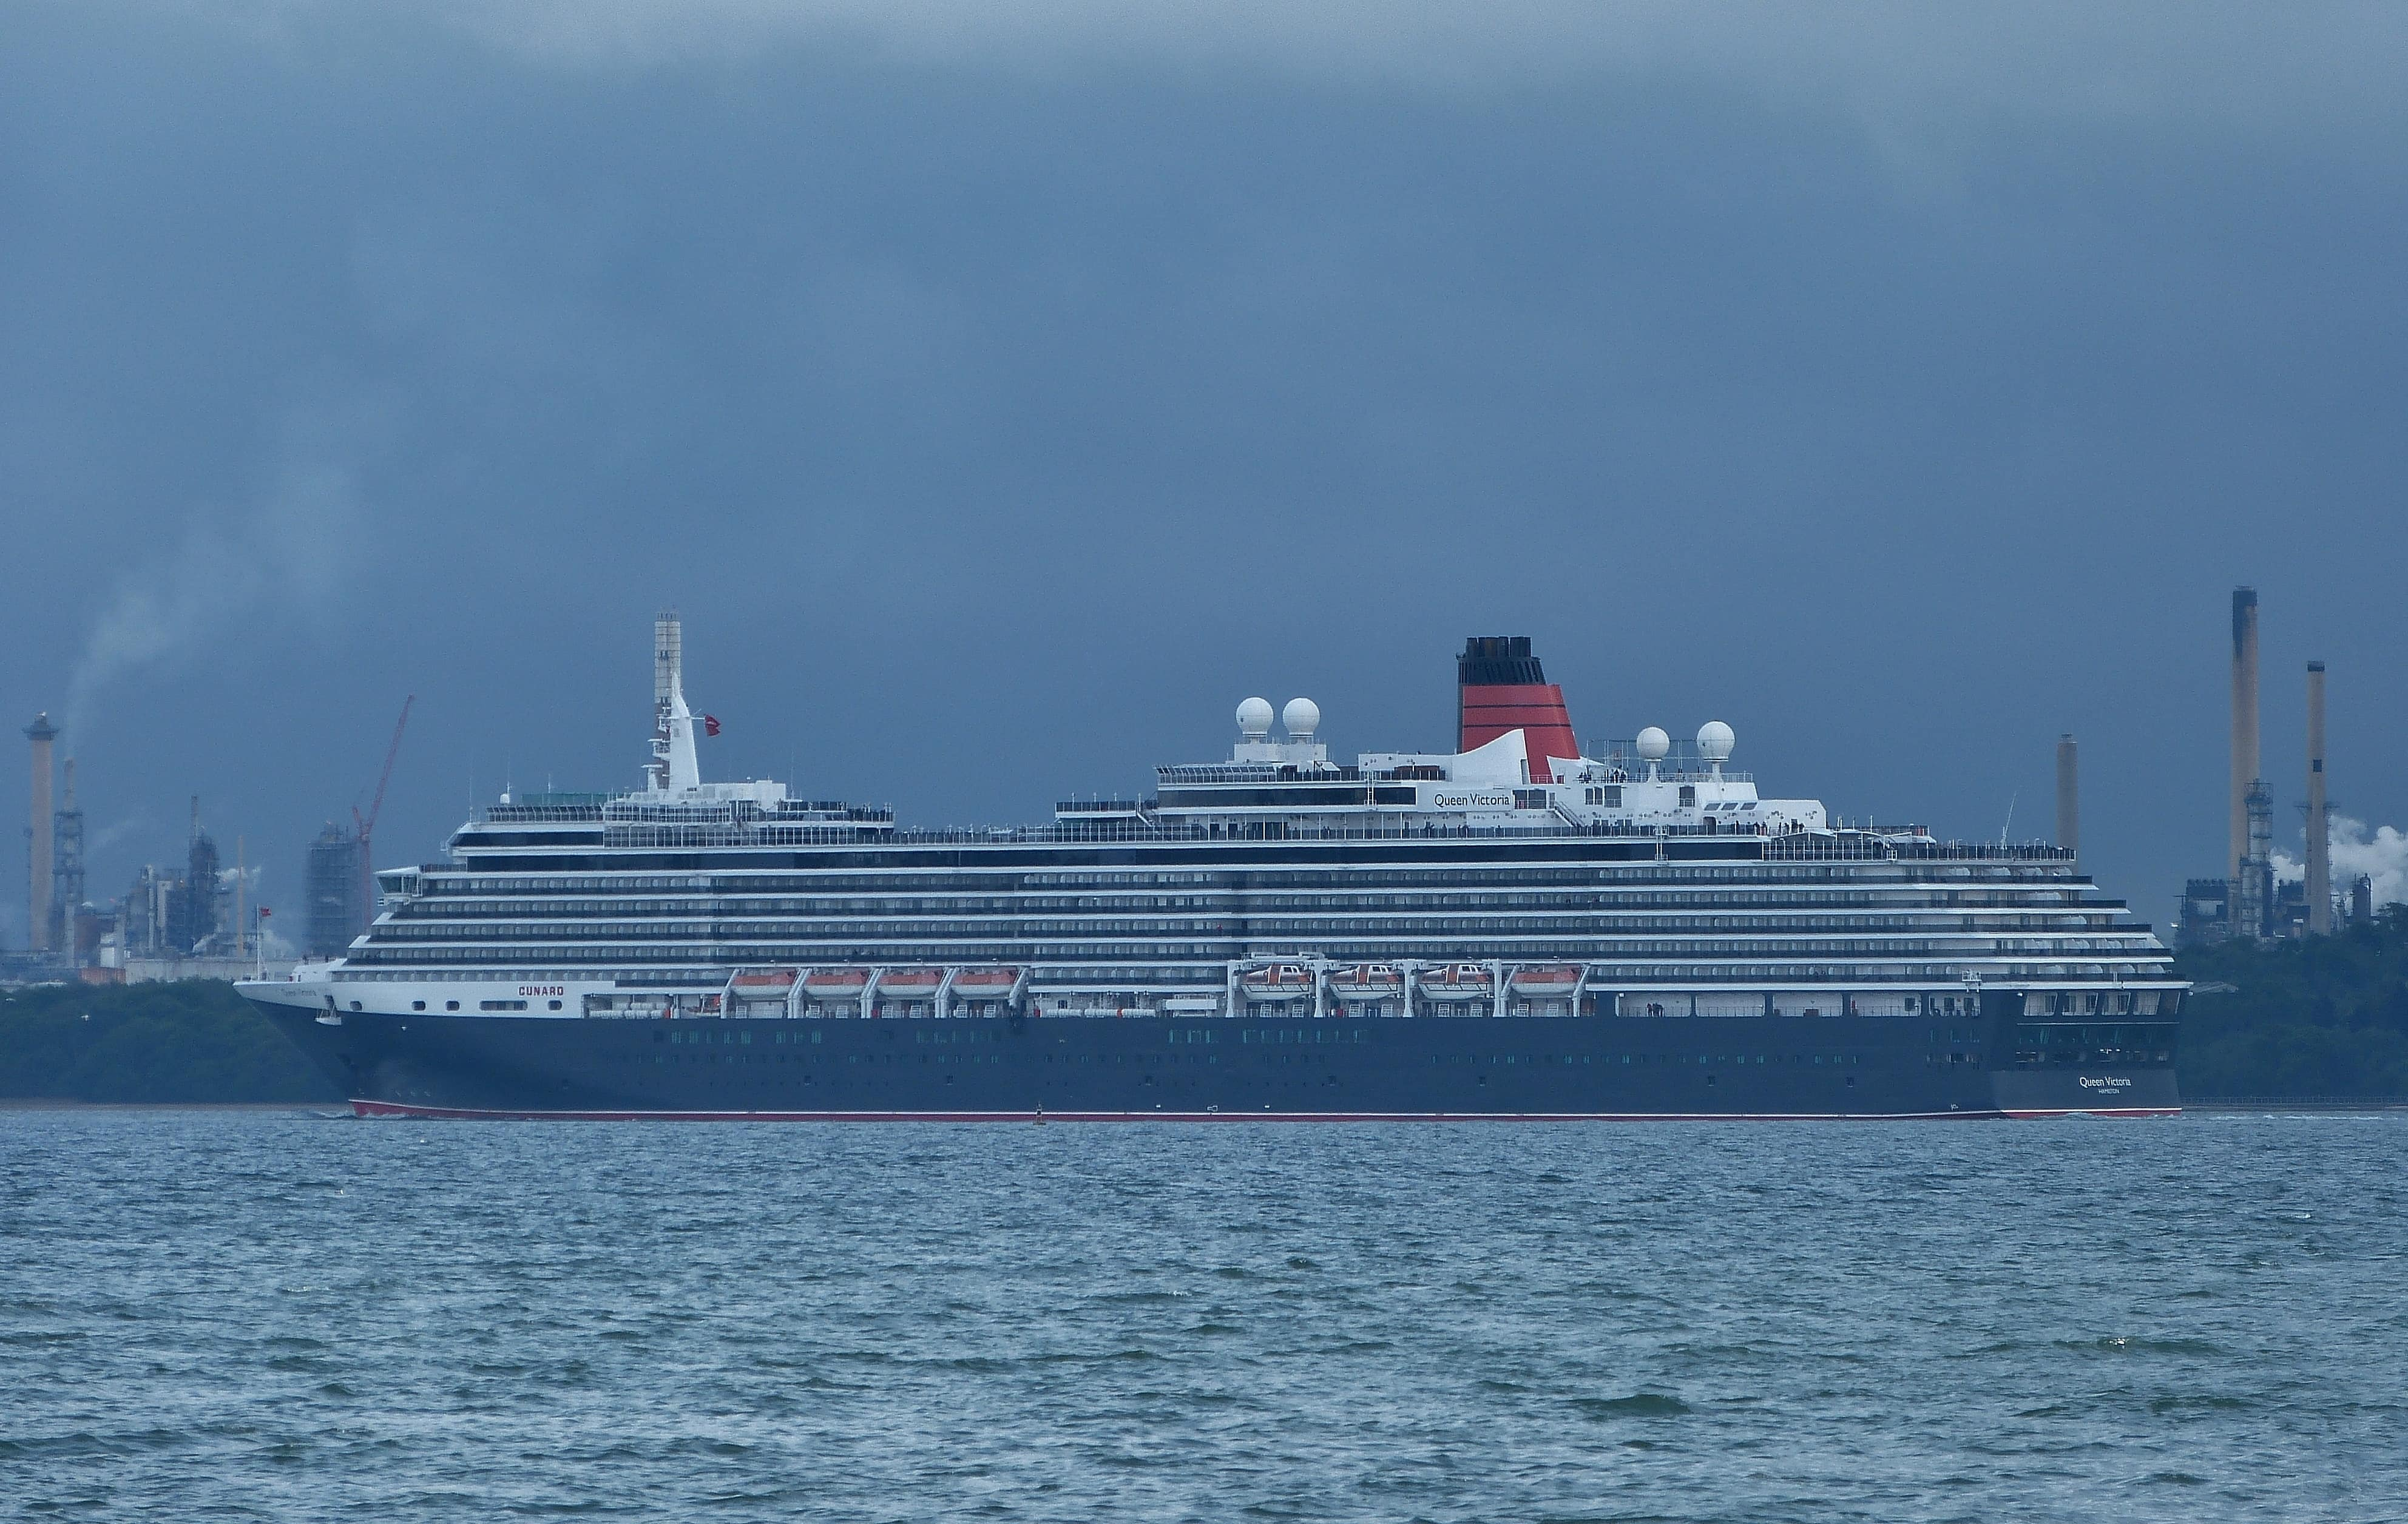 Weston Shore southampton cruise ship queen victoria